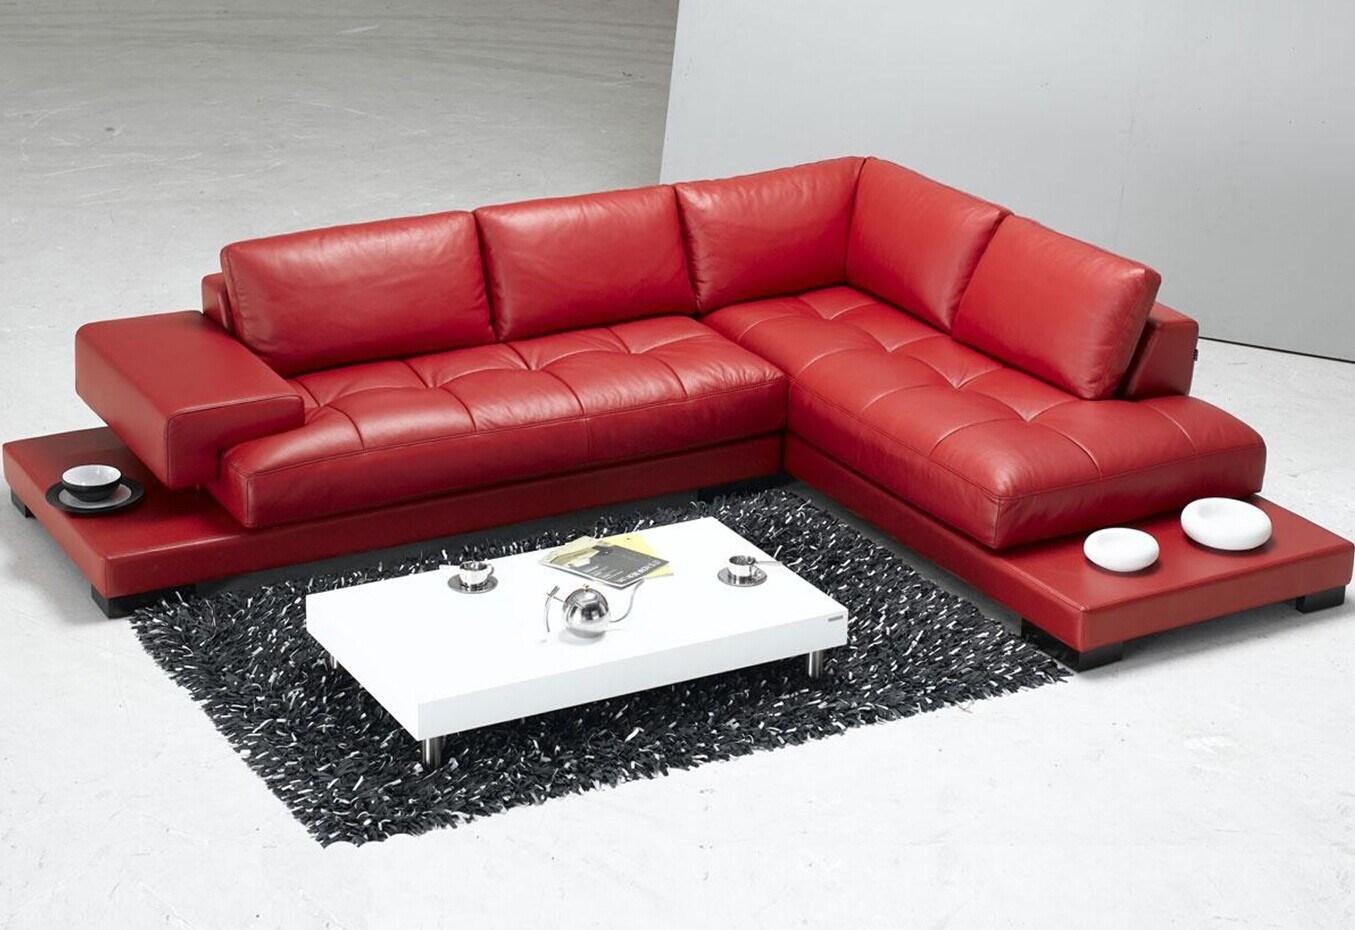 lit de sofa sectionnel r gl de recliner de cuir de bobinoir sur c ne de suite de salon de divan. Black Bedroom Furniture Sets. Home Design Ideas